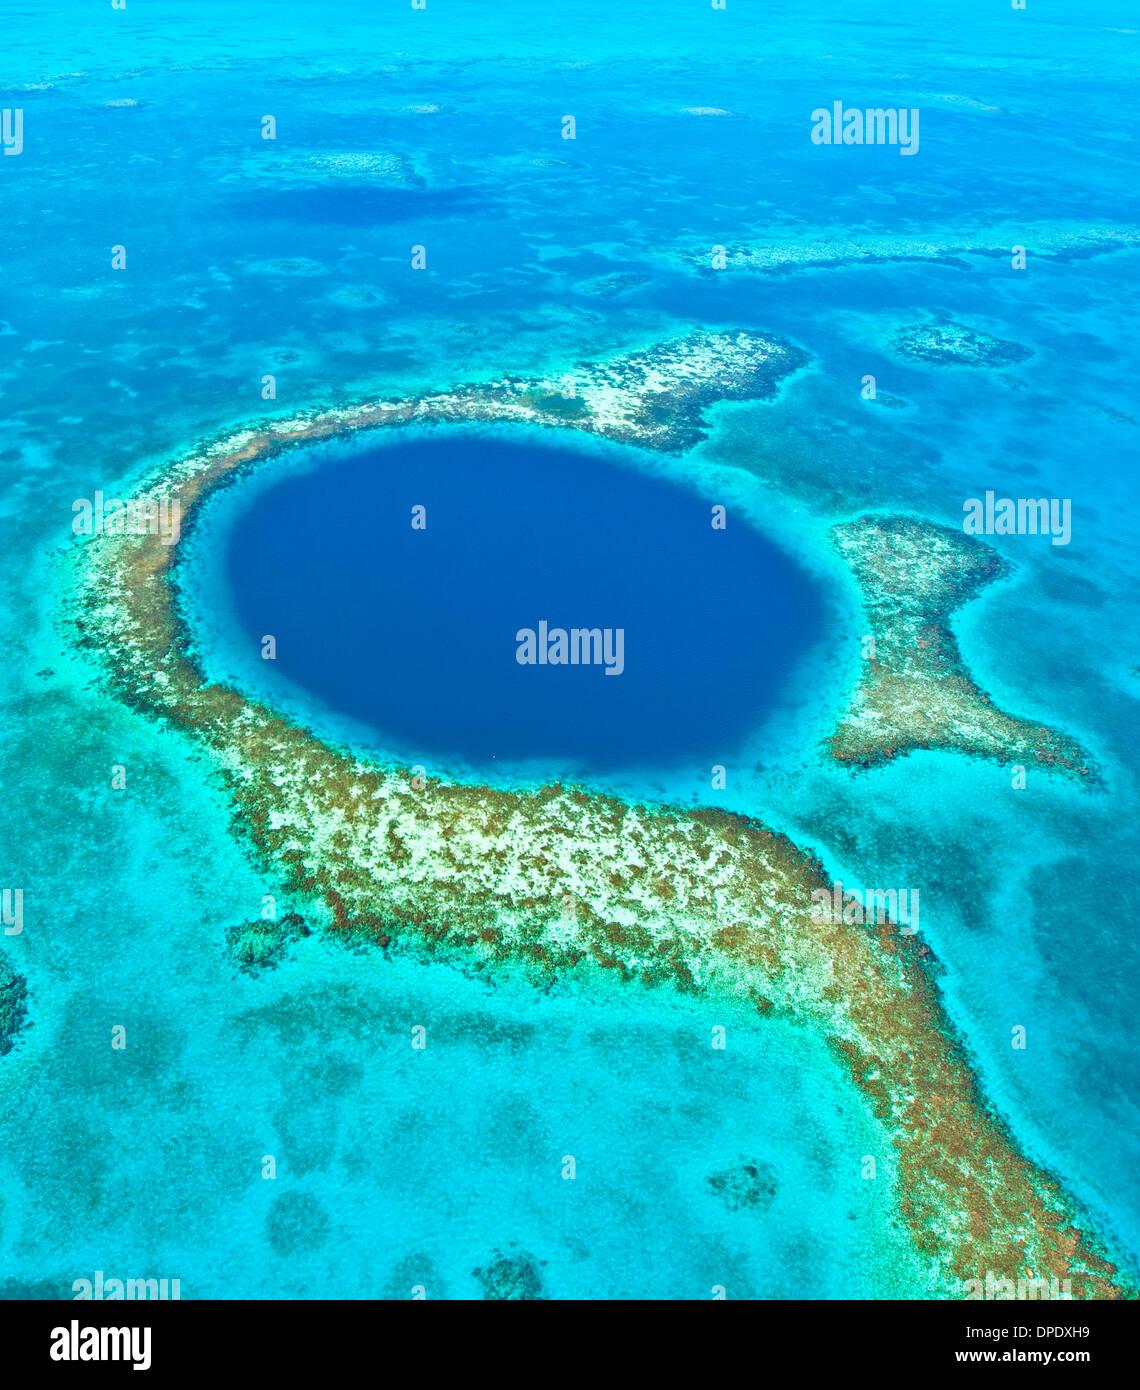 Das blaue Loch Blue Hole National Monument, Belize Karibik Meso-amerikanischen Reef Lighthouse Reef Atoll 400 Fuß Loch im Riff Stockbild